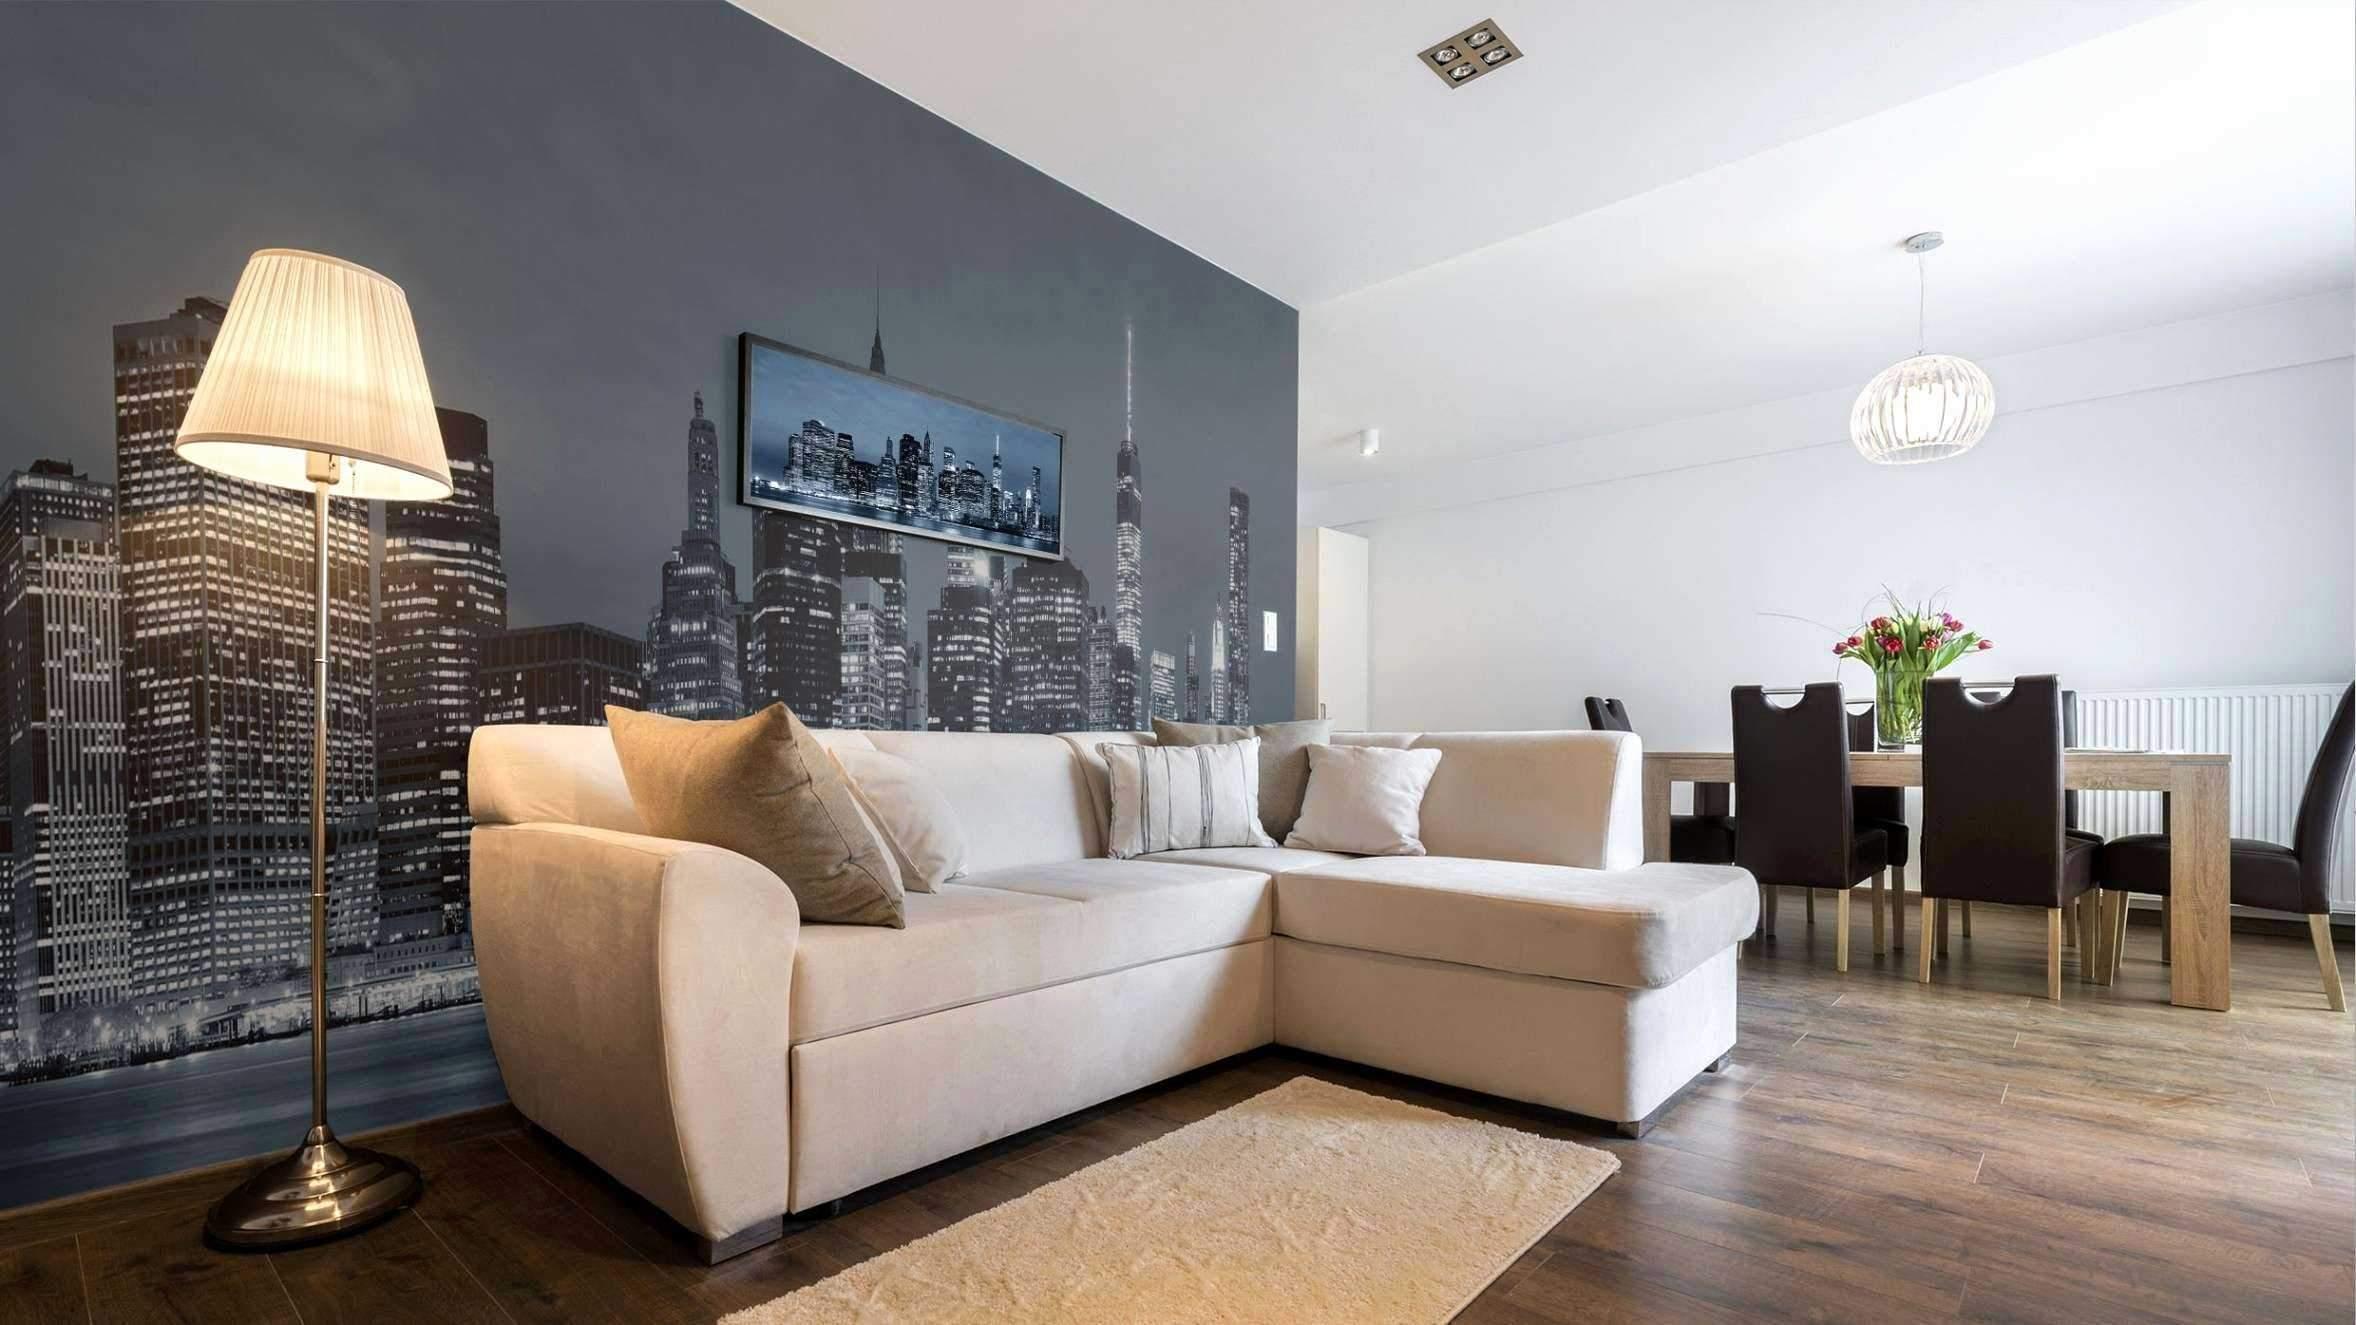 Full Size of Chill Liege Wohnzimmer Liege Wohnzimmer Gunstig Liege Couch Wohnzimmer Wohnzimmer Liege Selber Bauen Wohnzimmer Liege Wohnzimmer